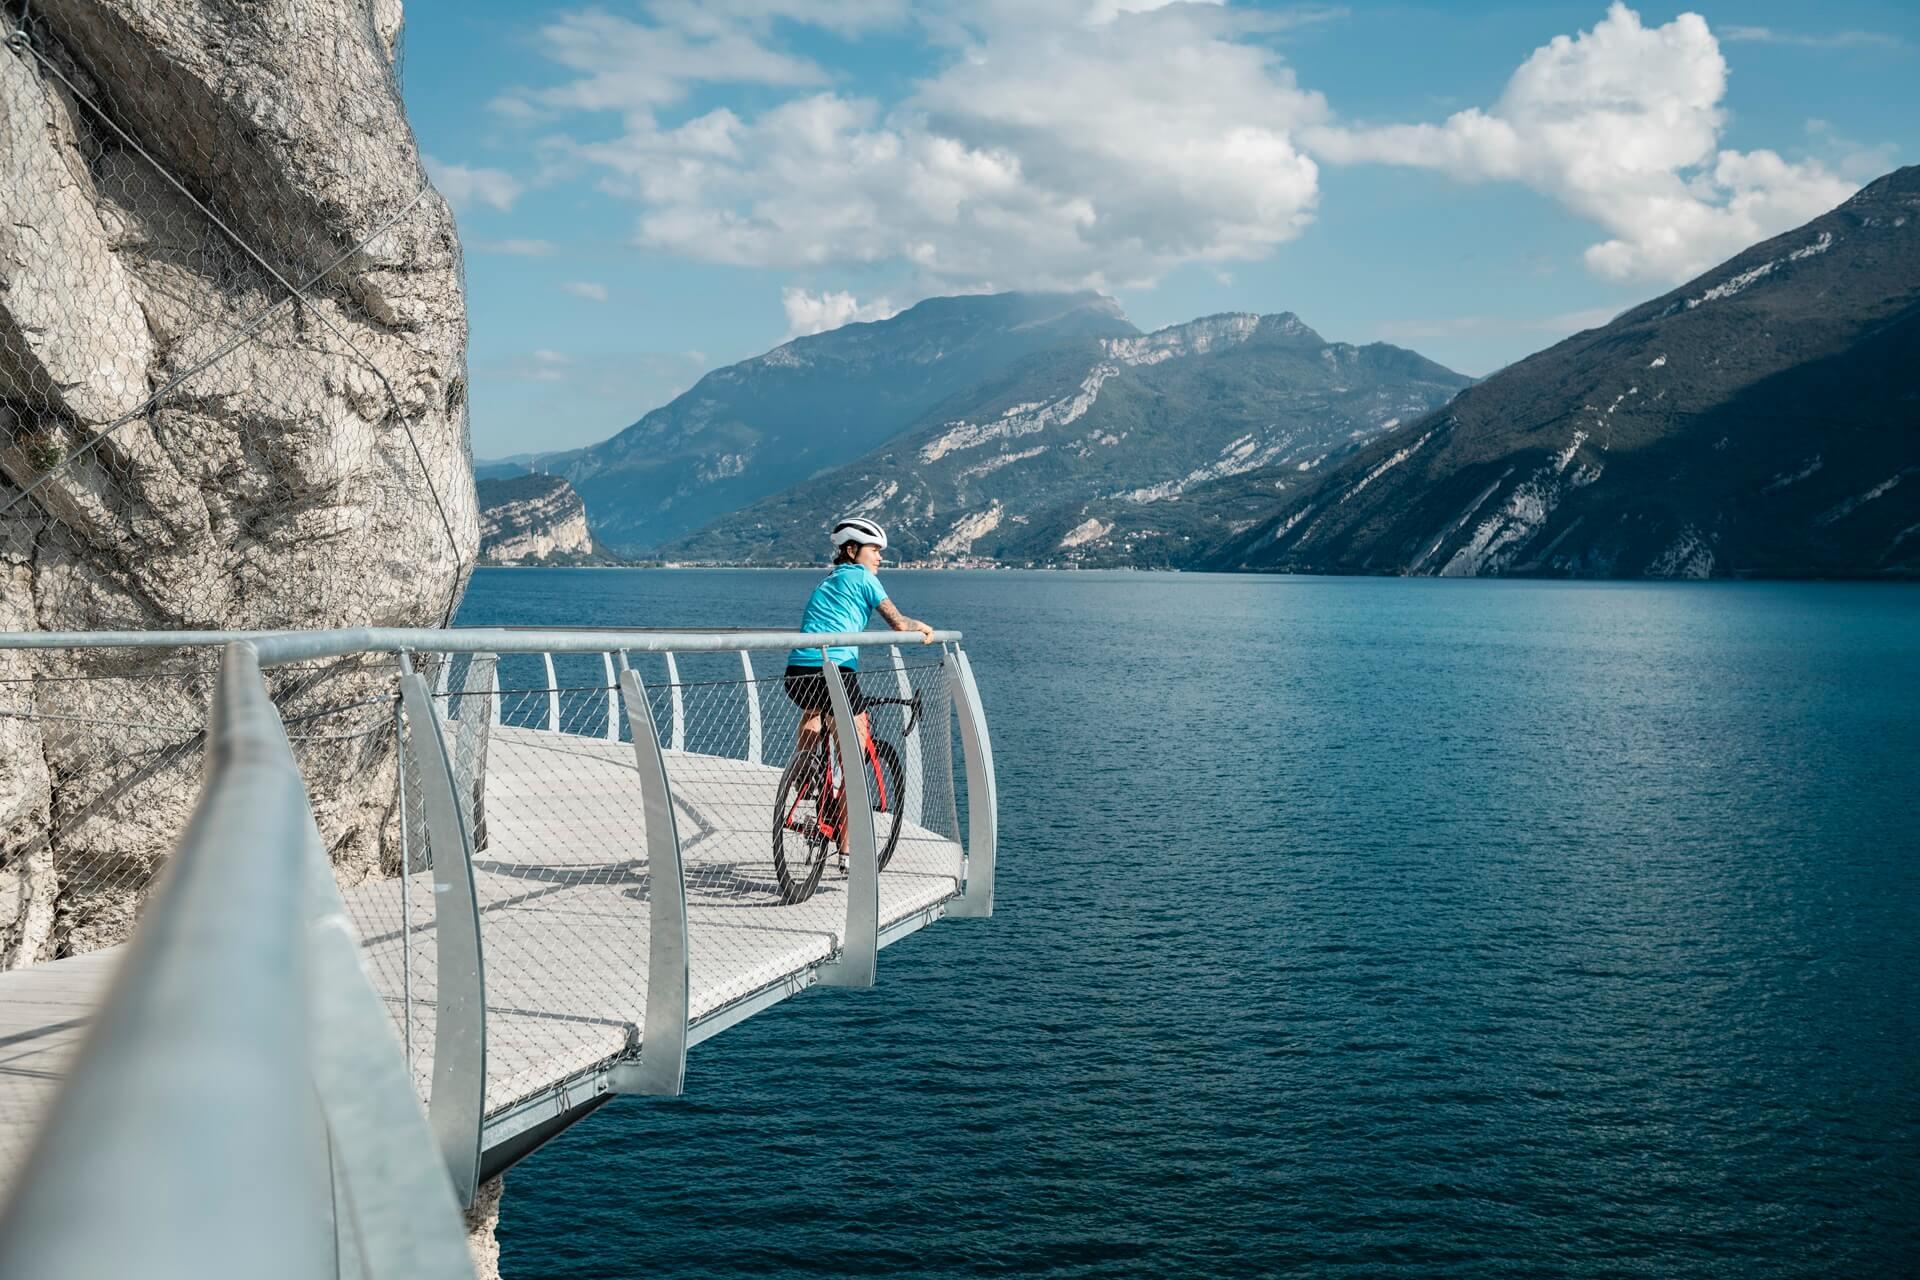 Rennradfahren am Gardasee © Alex Moling